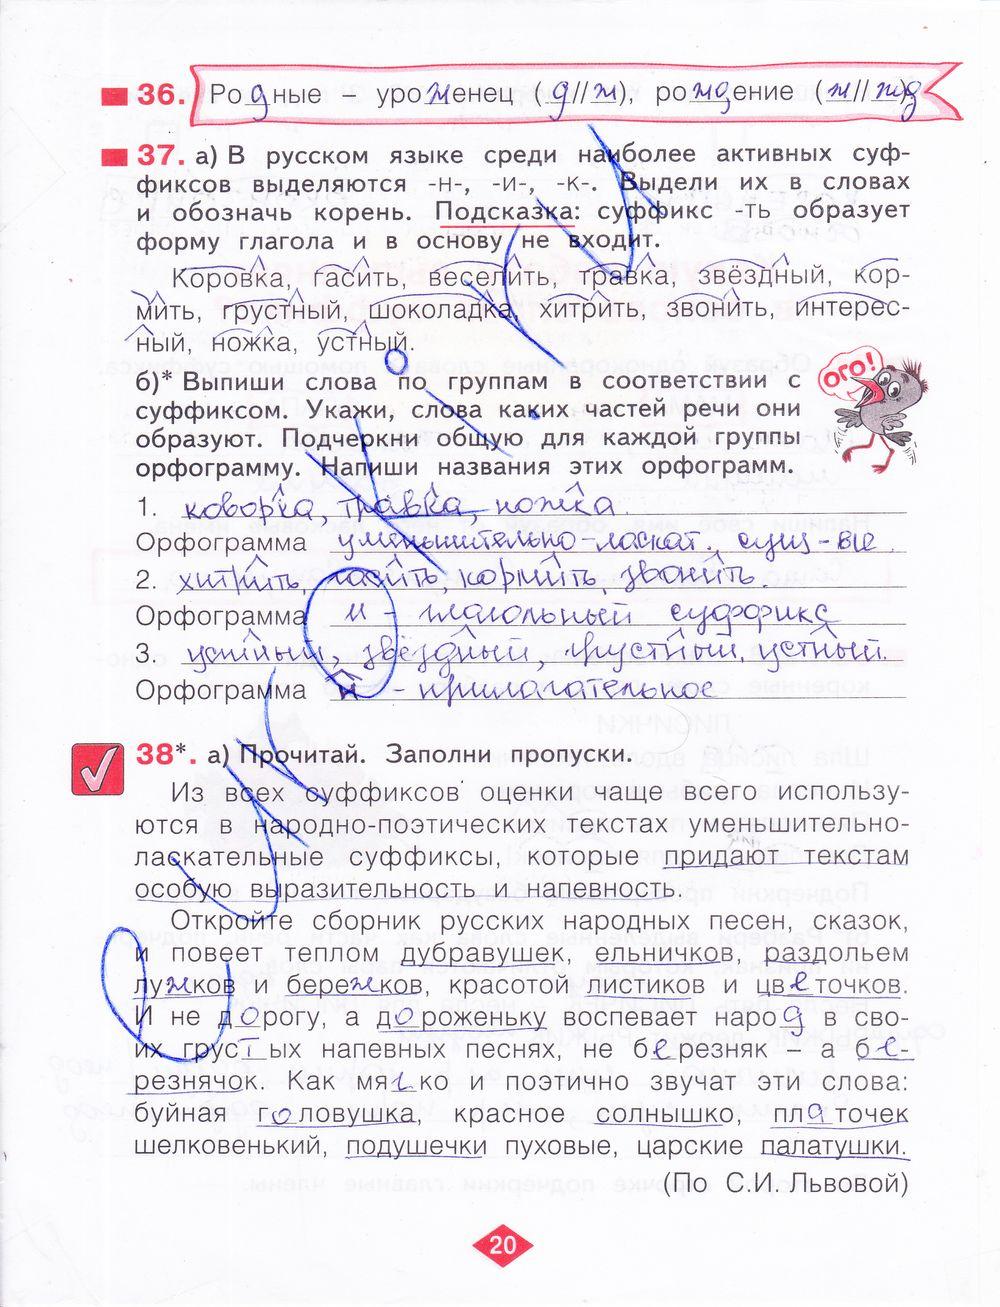 Решебник русскому языку 5 класс с.и.львова в.в.львов